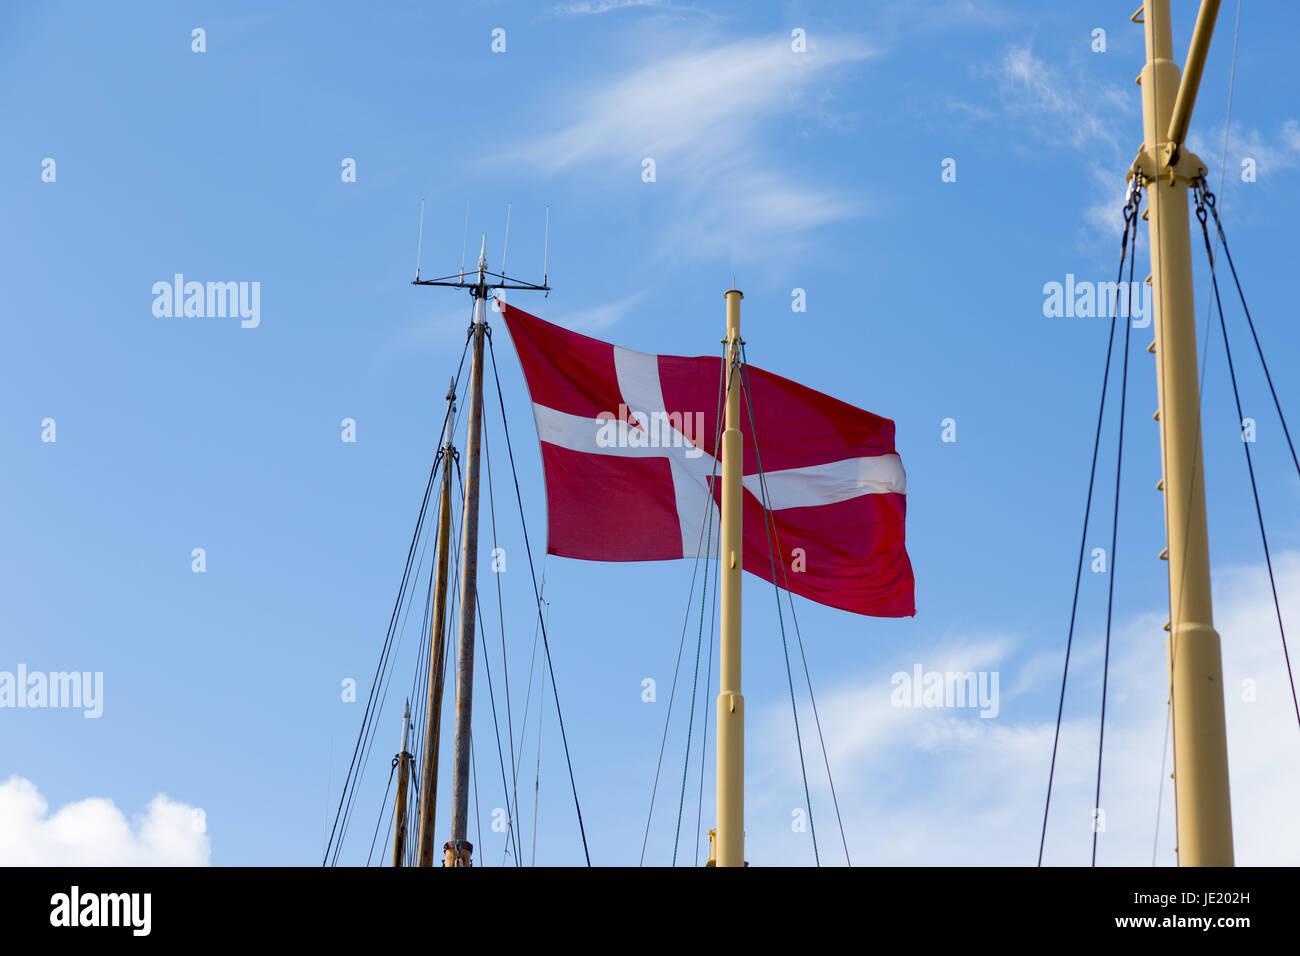 Dänische Fahne, Dannebrog, an einem Segelschiff im Hafen von Svendborg - Stock Image